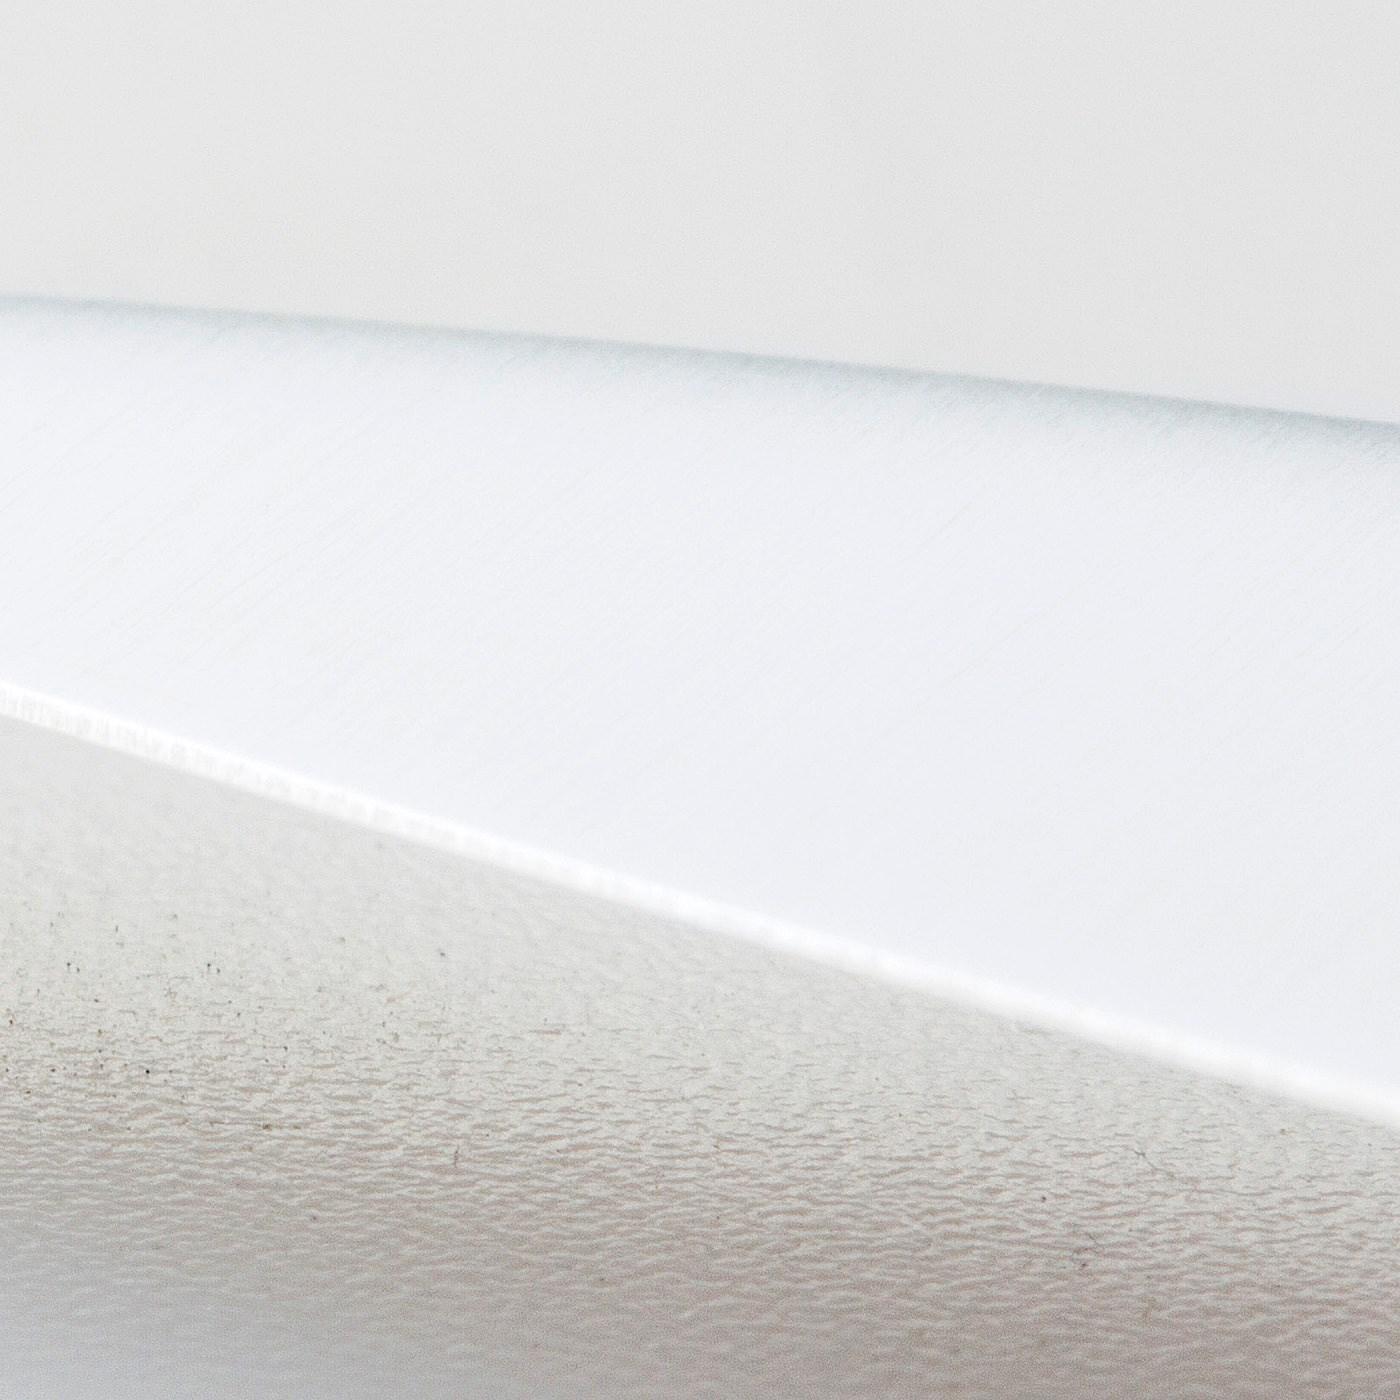 さびにくく左右どちらでも切れるステンレス製の両刃。